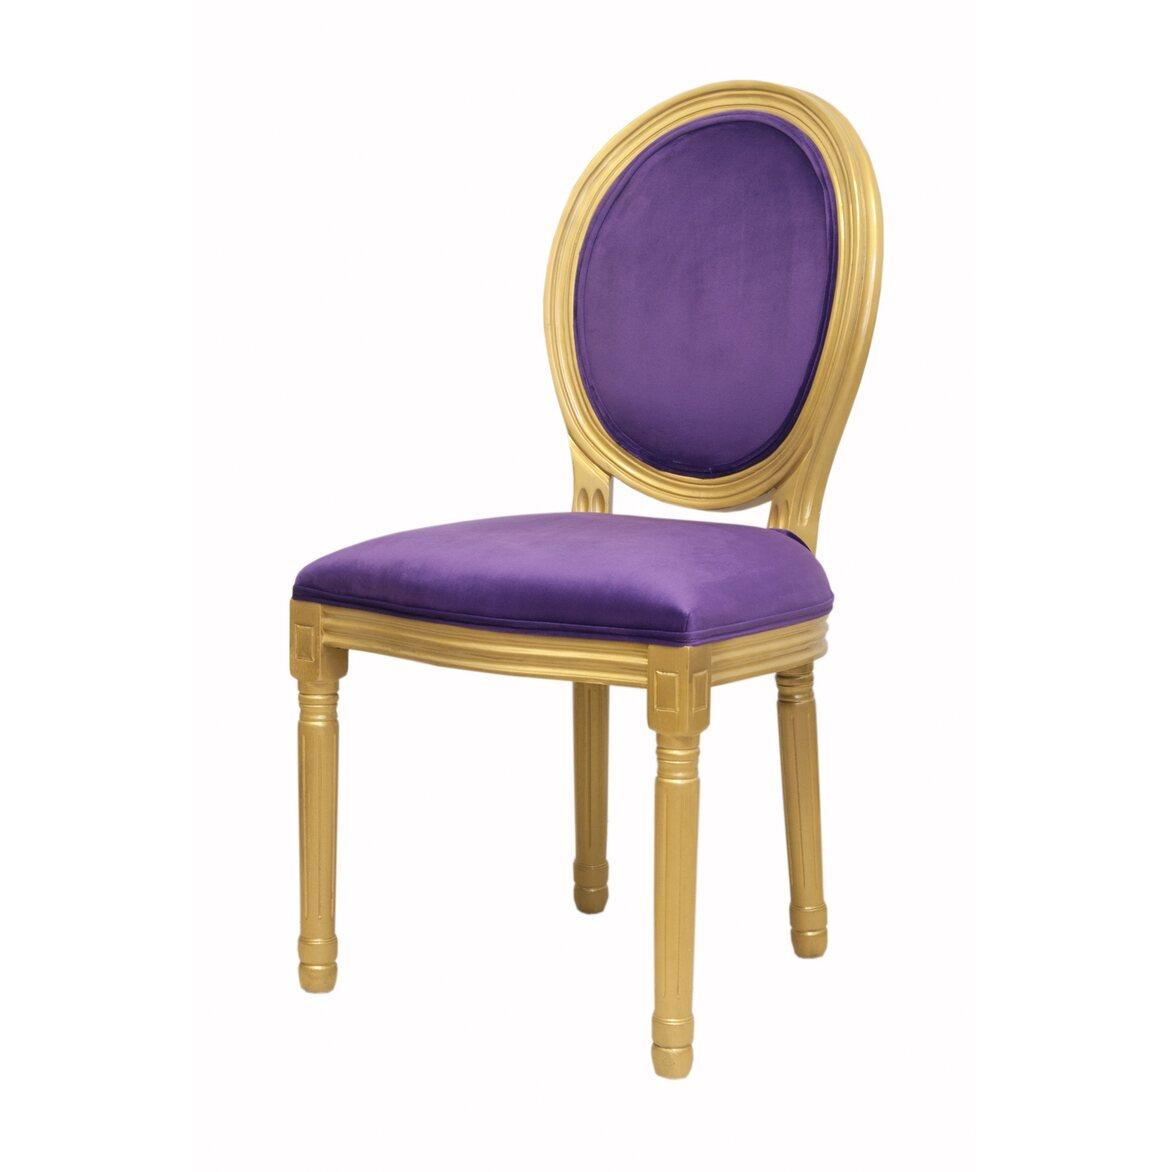 Стул Volker violet gold 4 | Обеденные стулья Kingsby